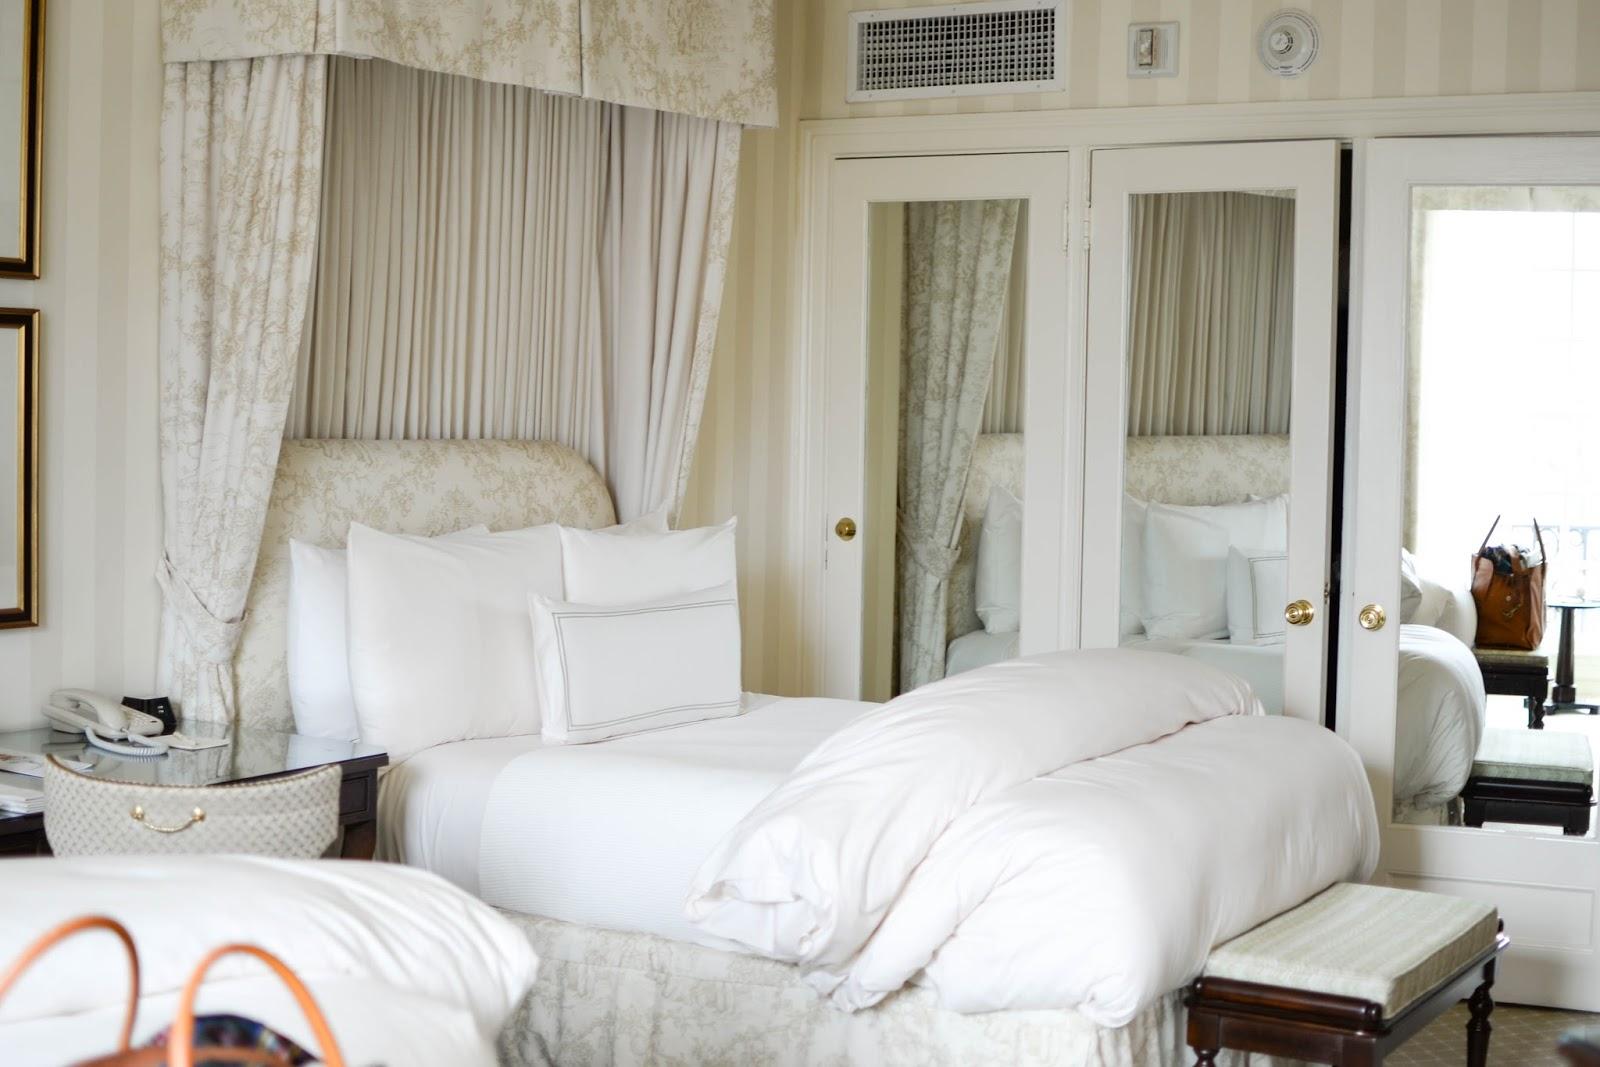 Summer Wind The Hay Adams Hotel Washington D C Trip Recap